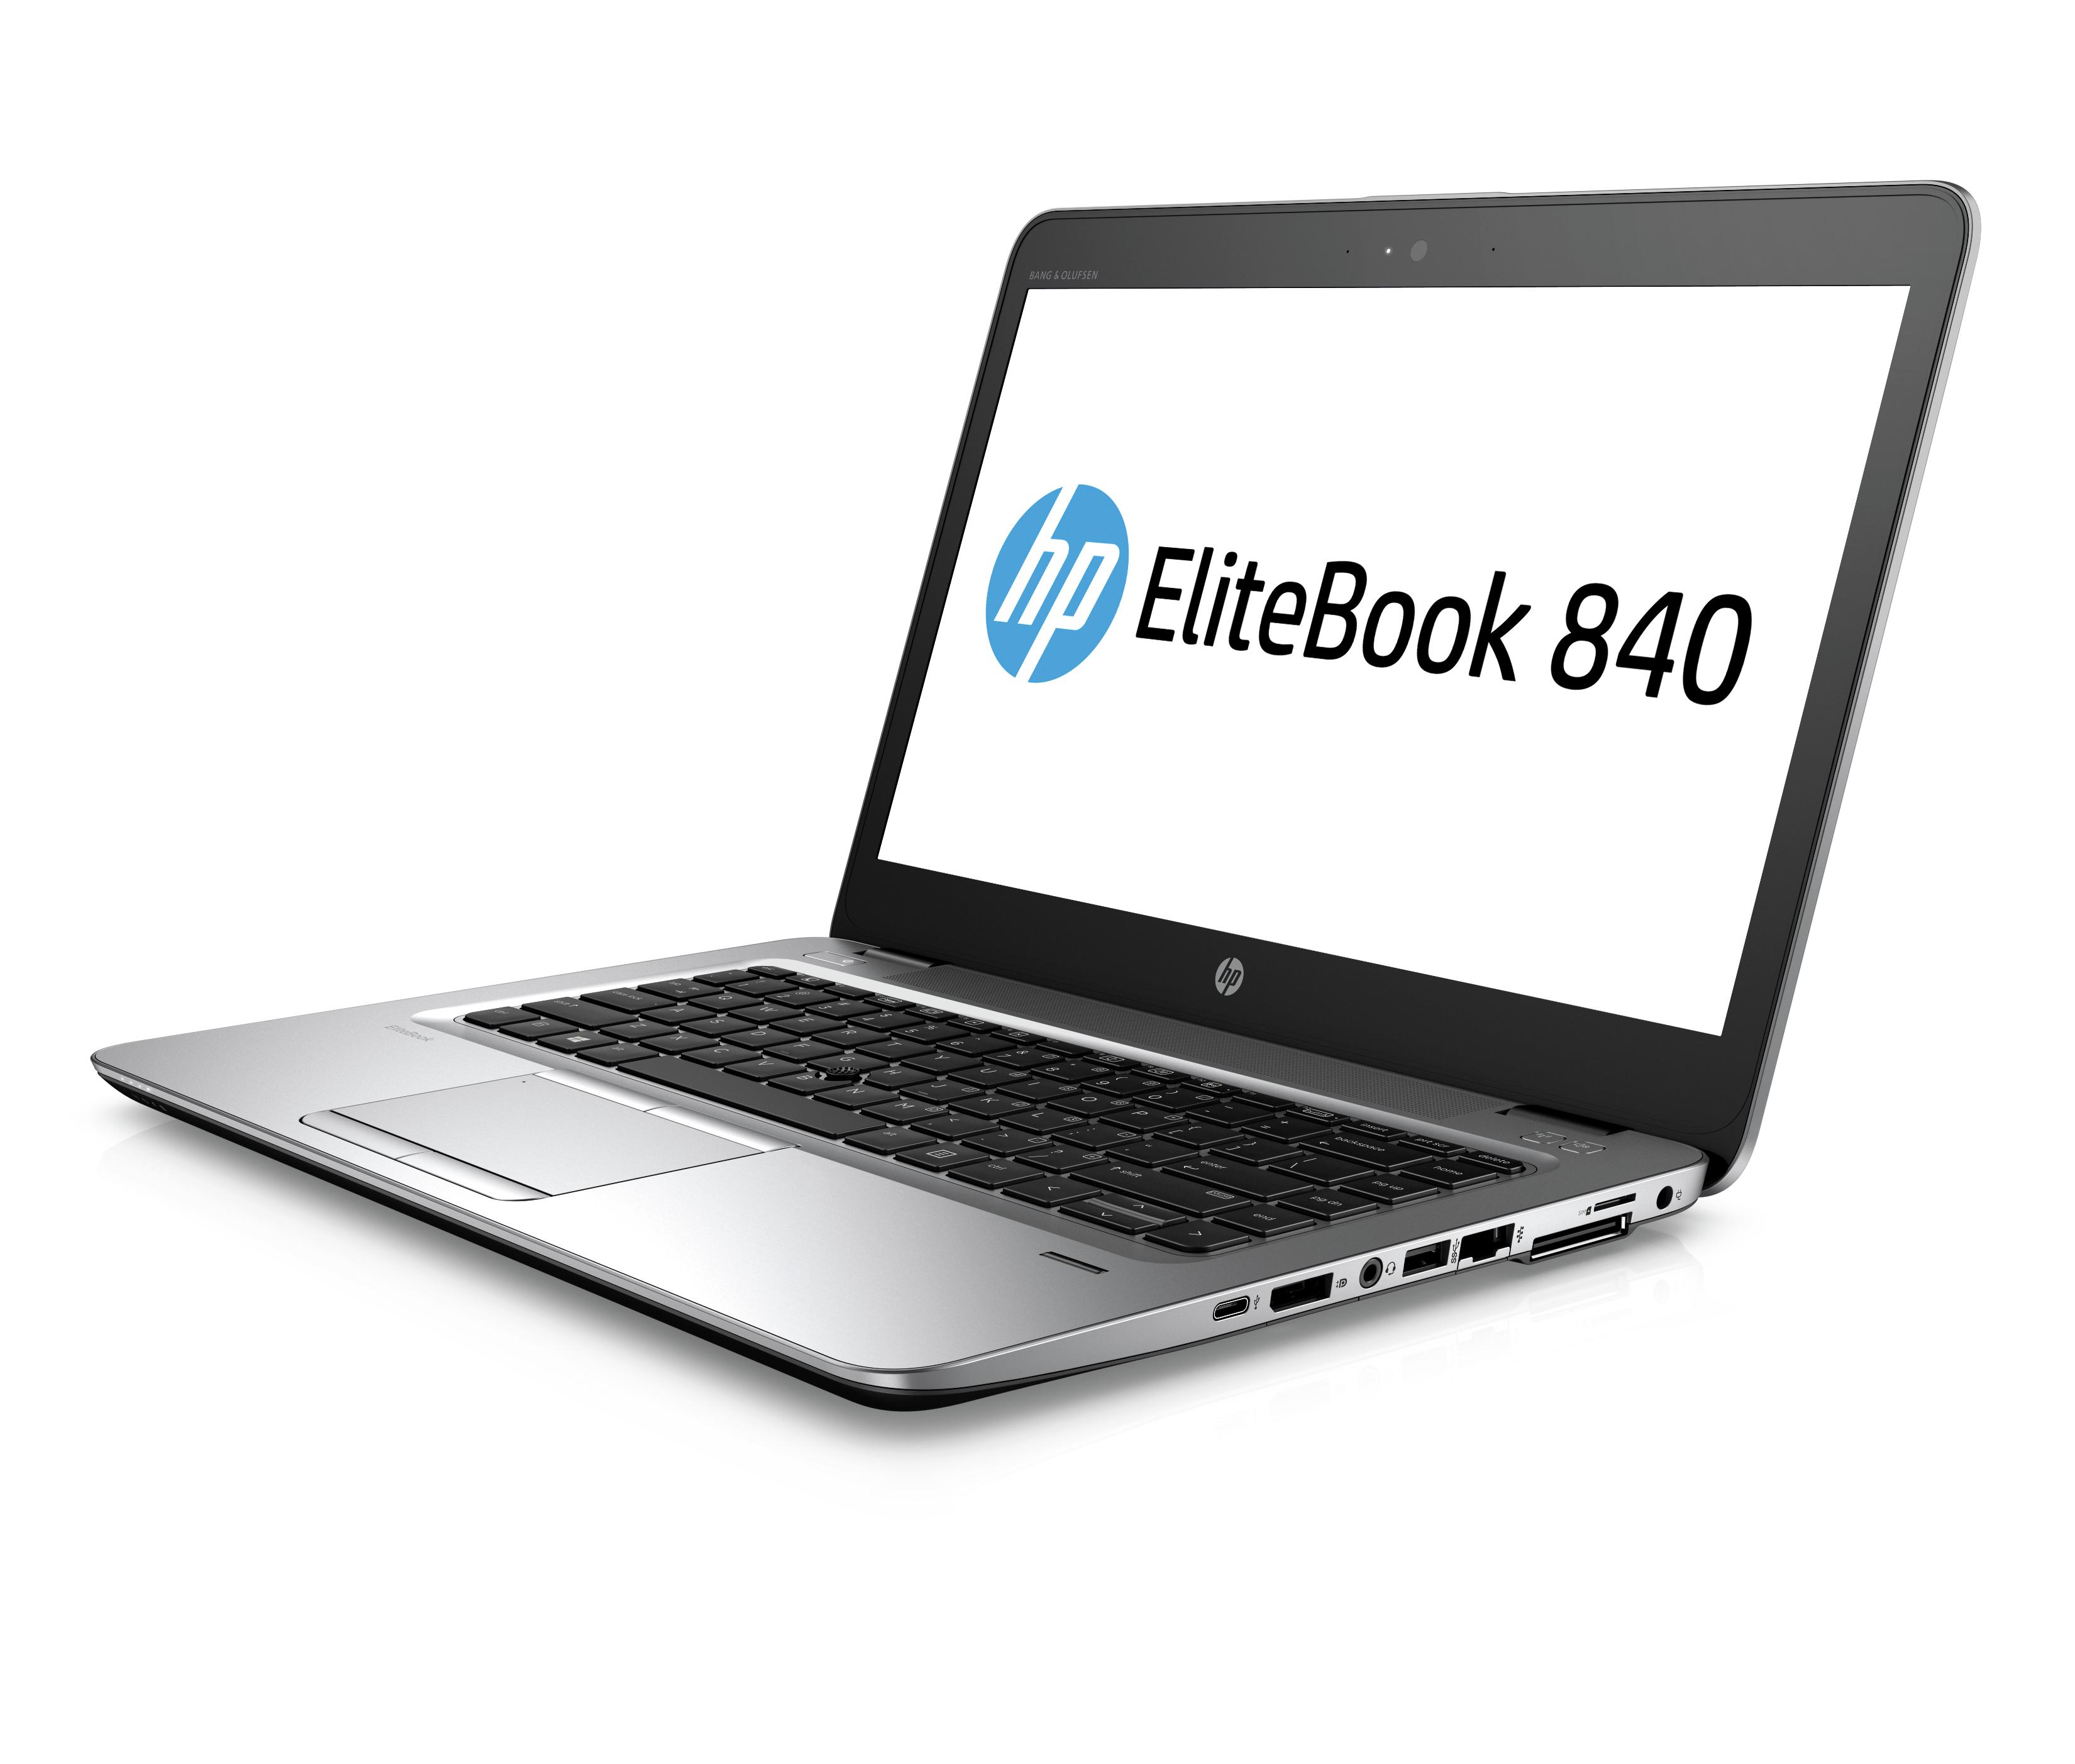 elitebook840g3v2